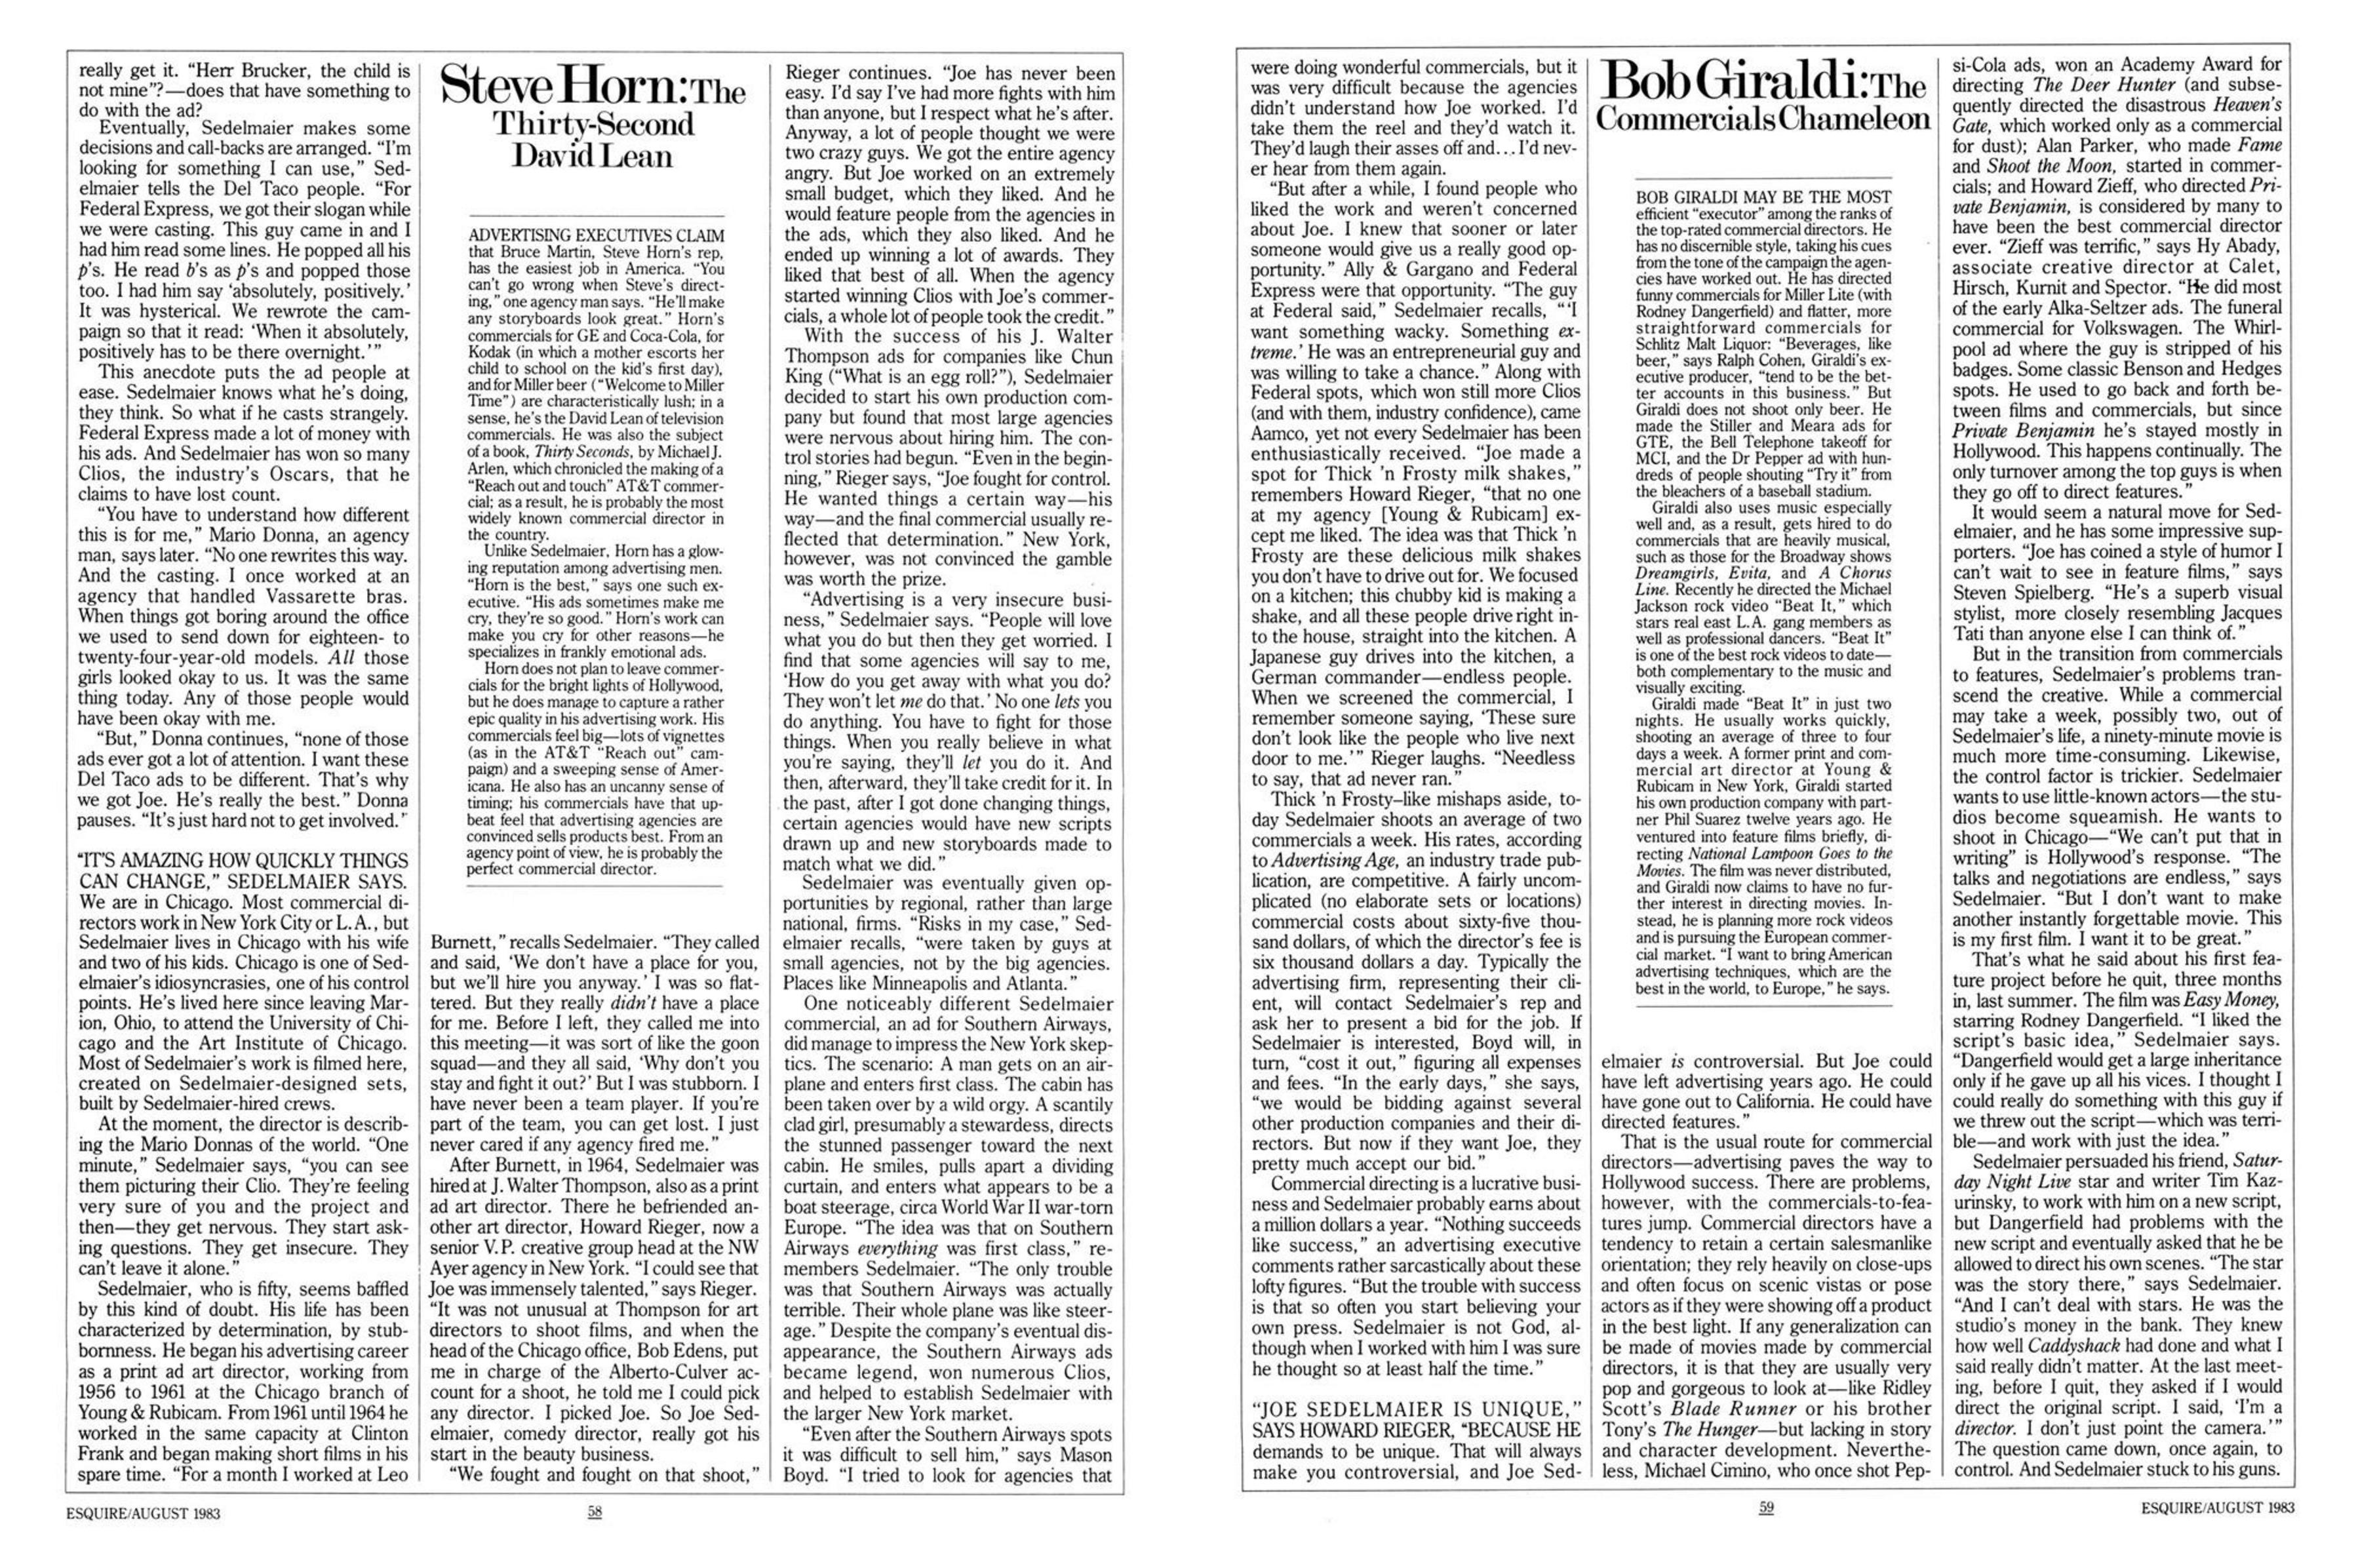 Joe Sedelmaier, Esquire article 3, 1983